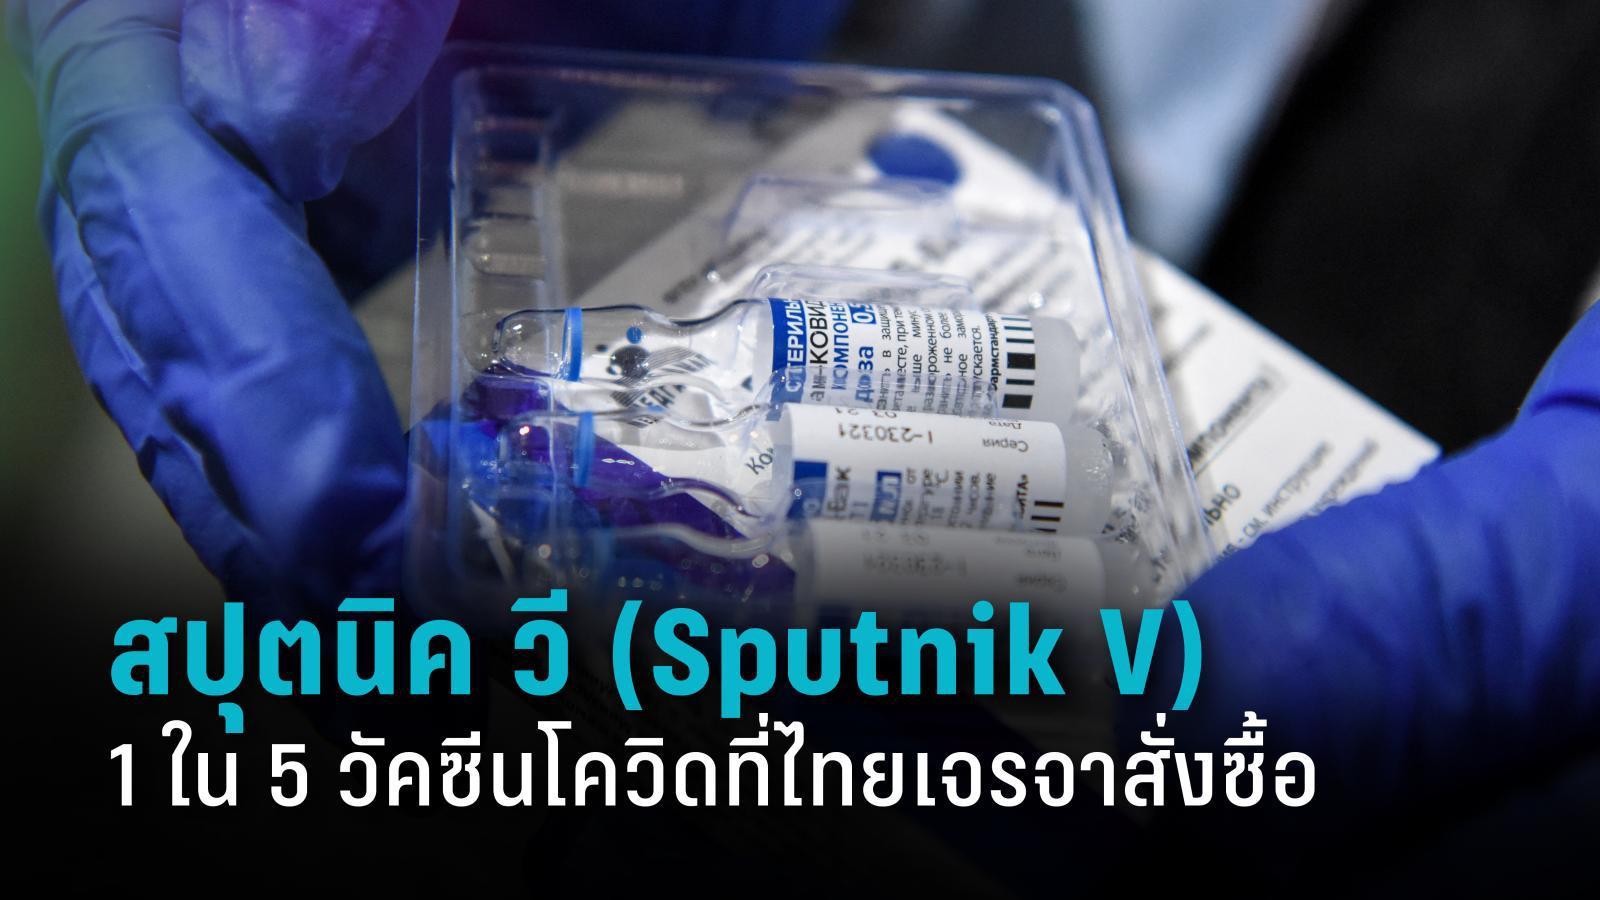 """""""วัคซีนสปุตนิค วี (Sputnik V)"""" 1 ใน 5 วัคซีนโควิดที่ไทยเจรจาสั่งซื้อ"""